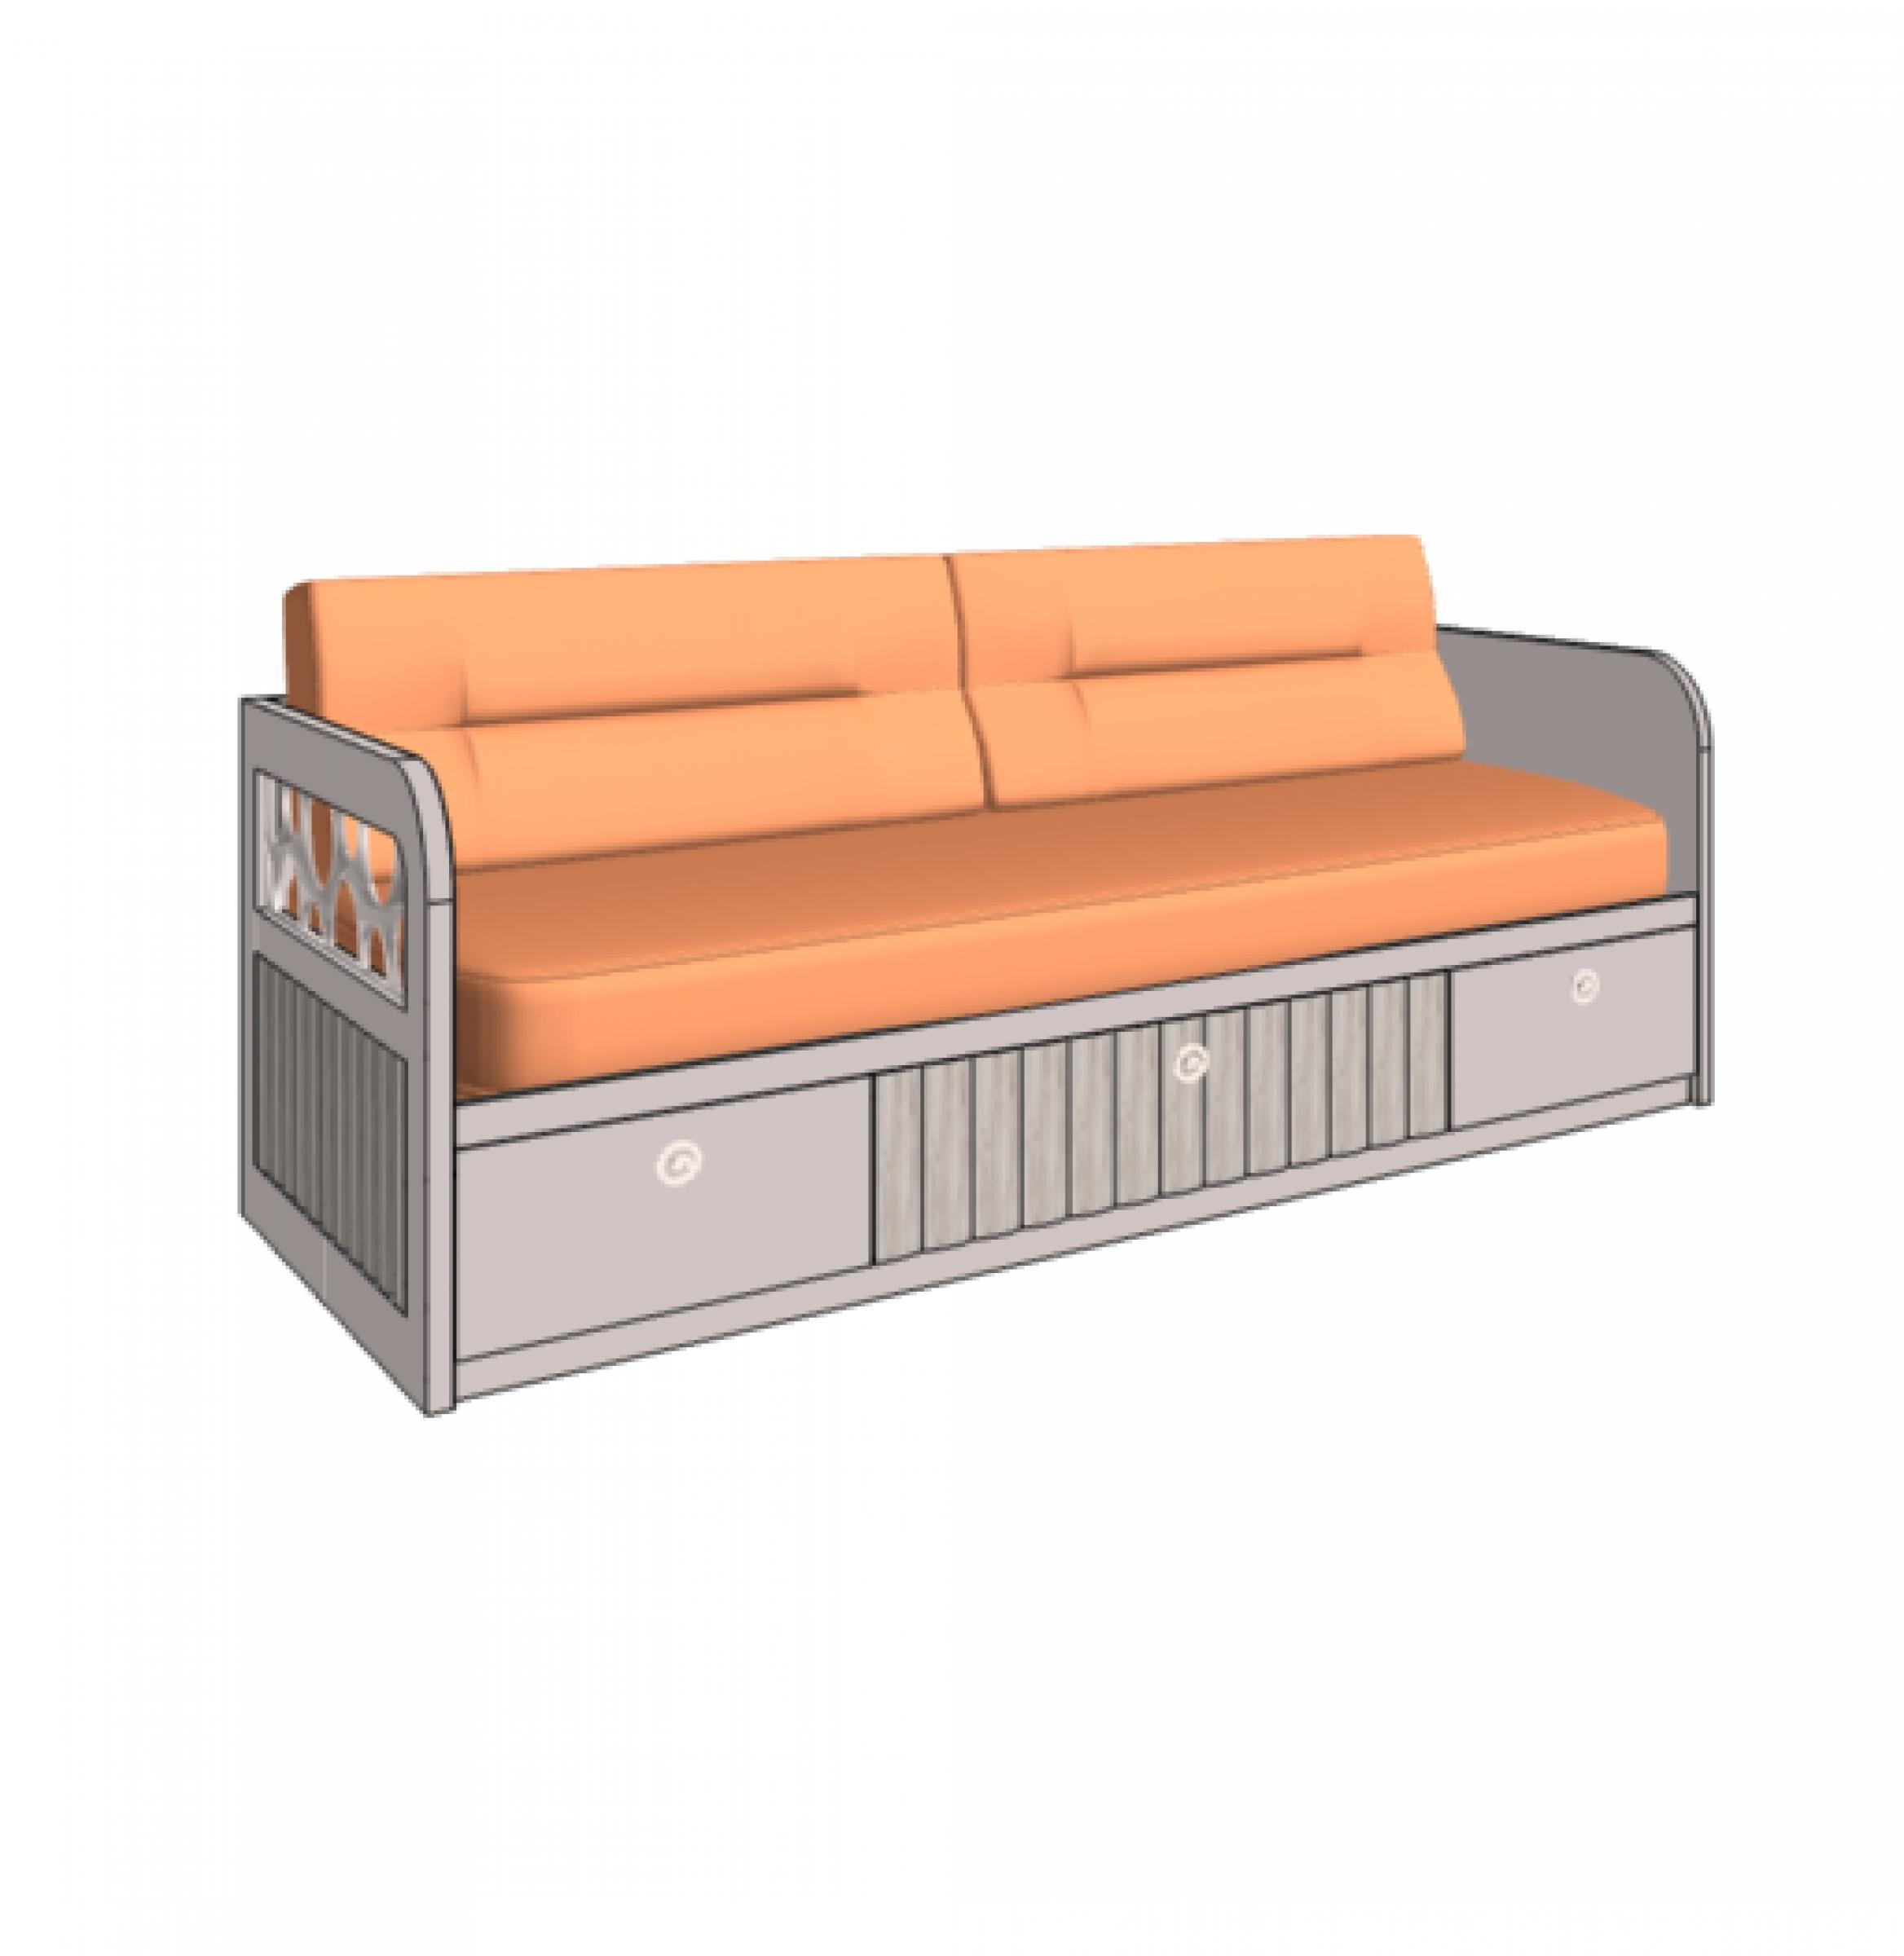 Klюkva кровать - диван VELVET с 3-мя ящиками, 1 техническая боковина. арт: VD2 L/RQ